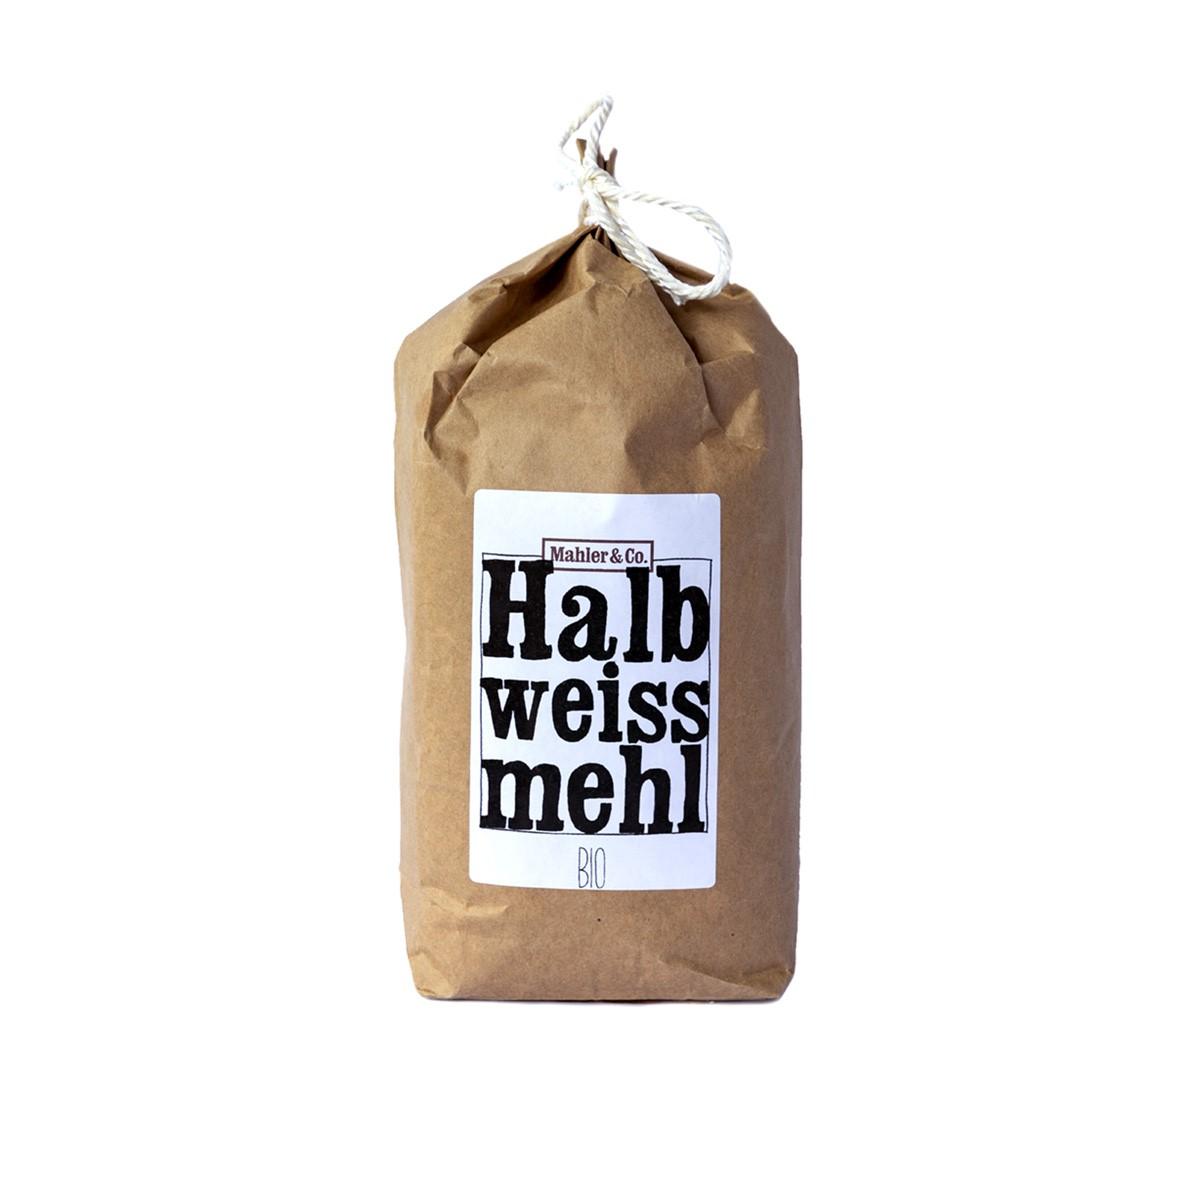 Bio Halbweissmehl aus dem Aargau